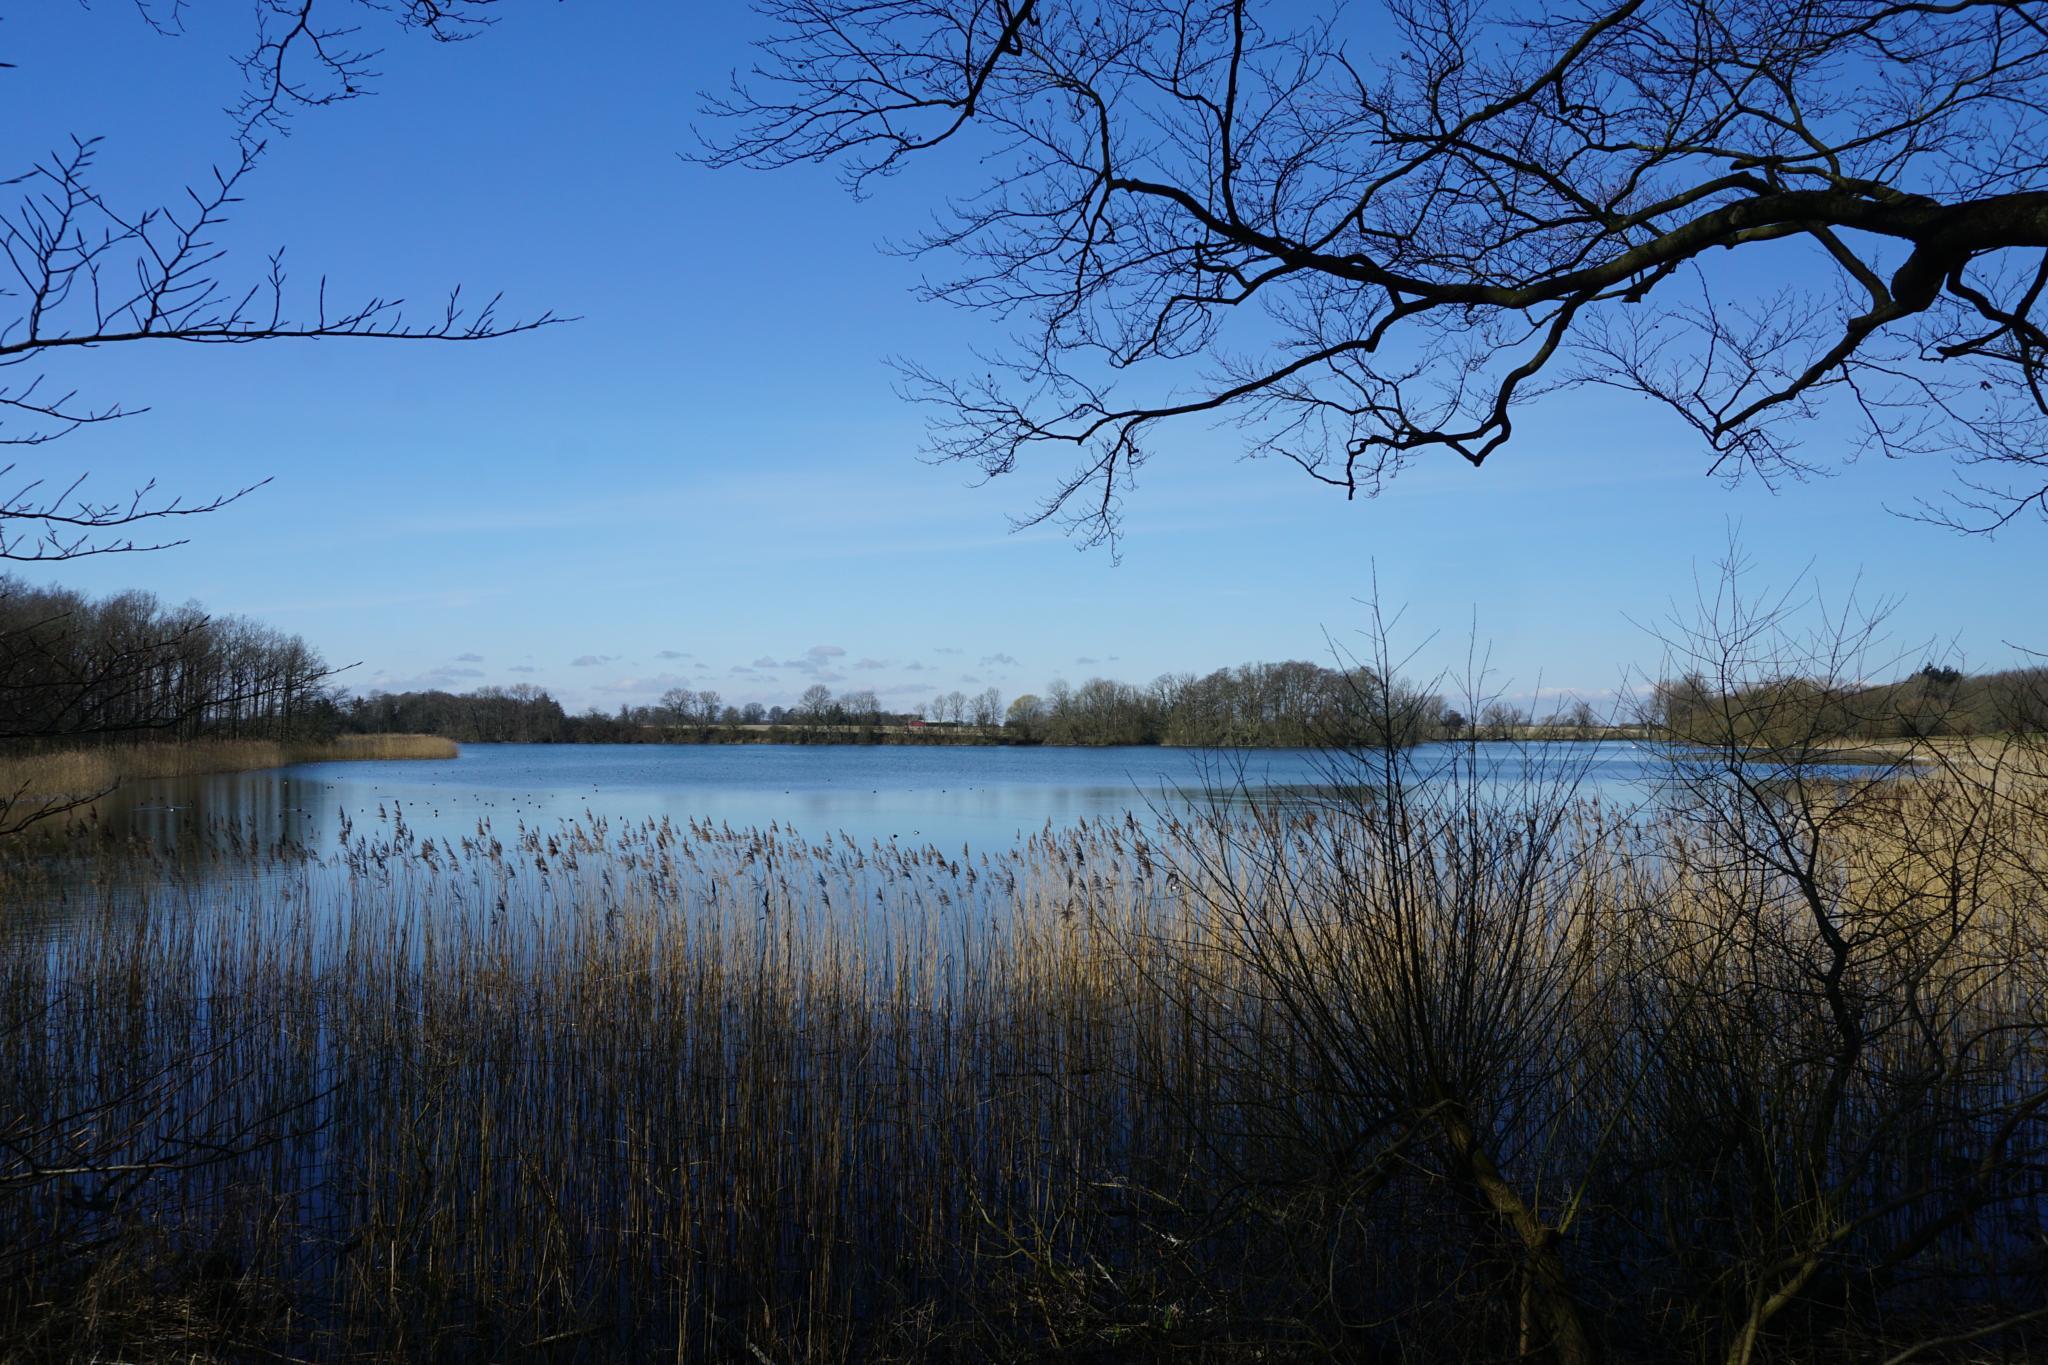 The lake at Gjorslev Bogeskov in Denmark by Dorte Hedengran